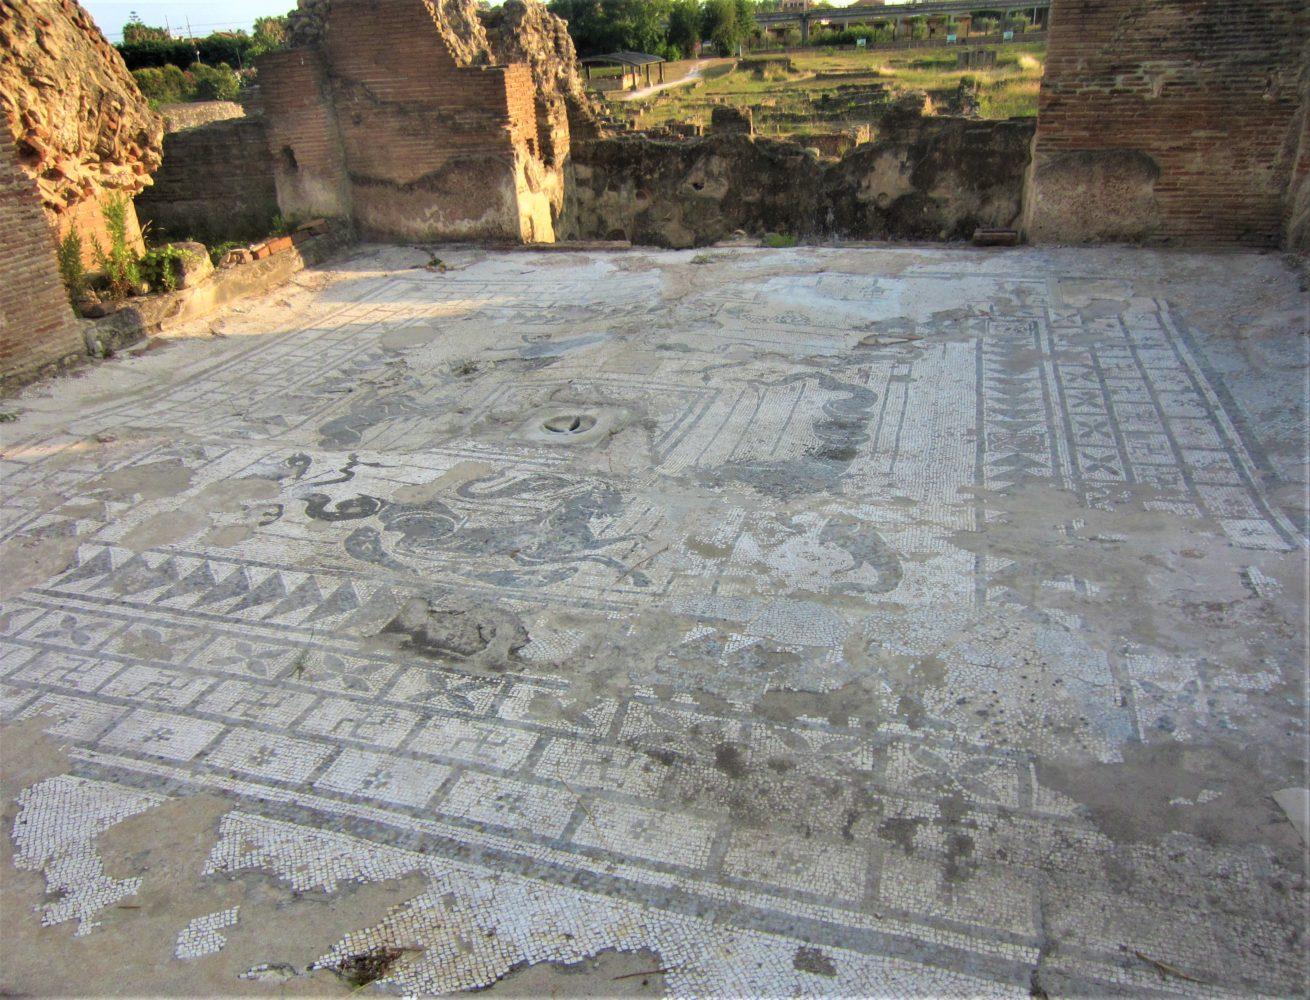 il mosaico parco archeologico di elea velia ascea scavi di velia il cilentano cilento